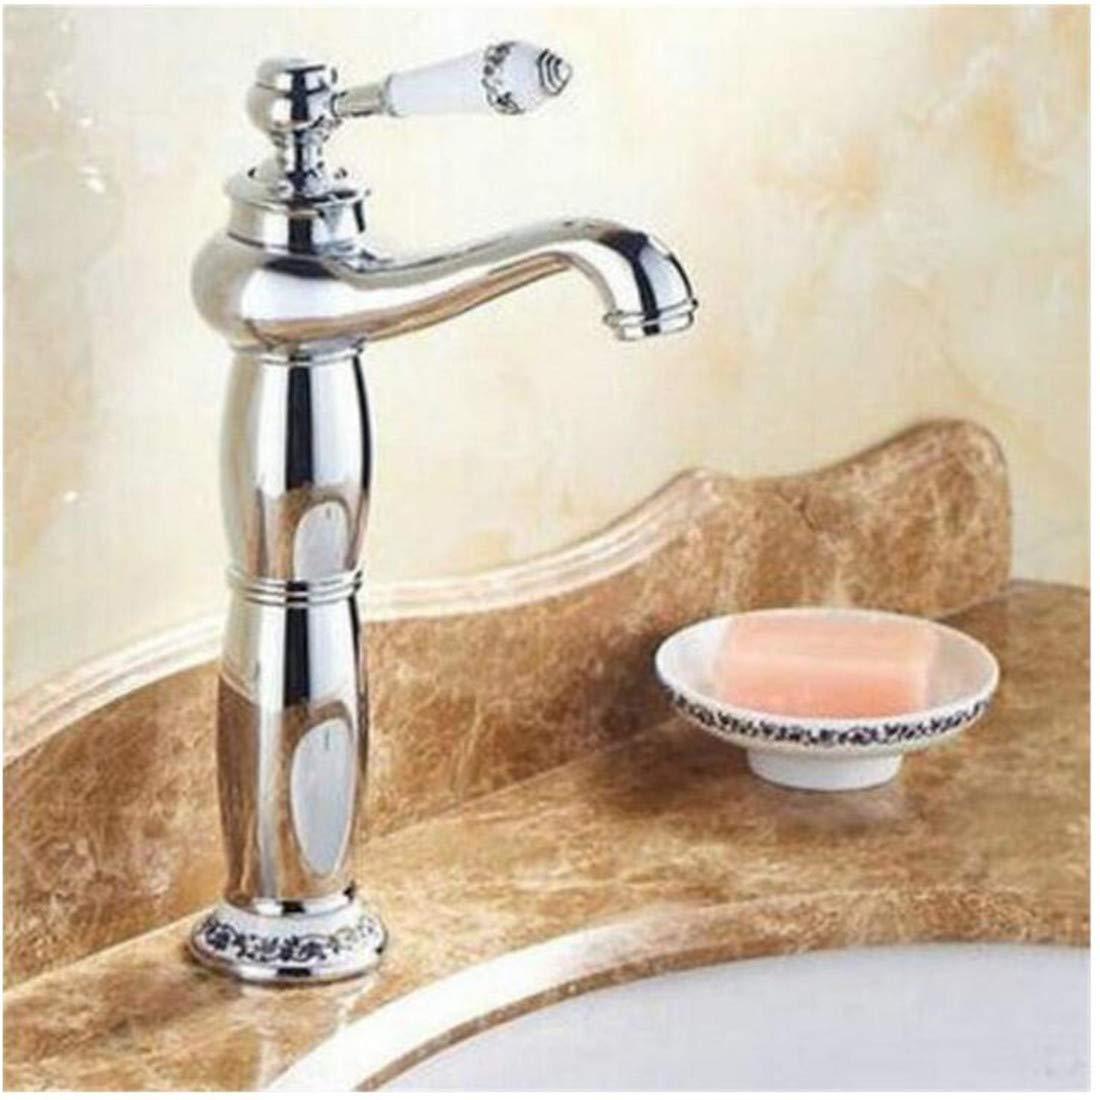 Kitchen Bath Basin Sink Bathroom Taps Washbasin Mixer Bathroom Basin Faucets Mixer Brass Faucet Ctzl2470